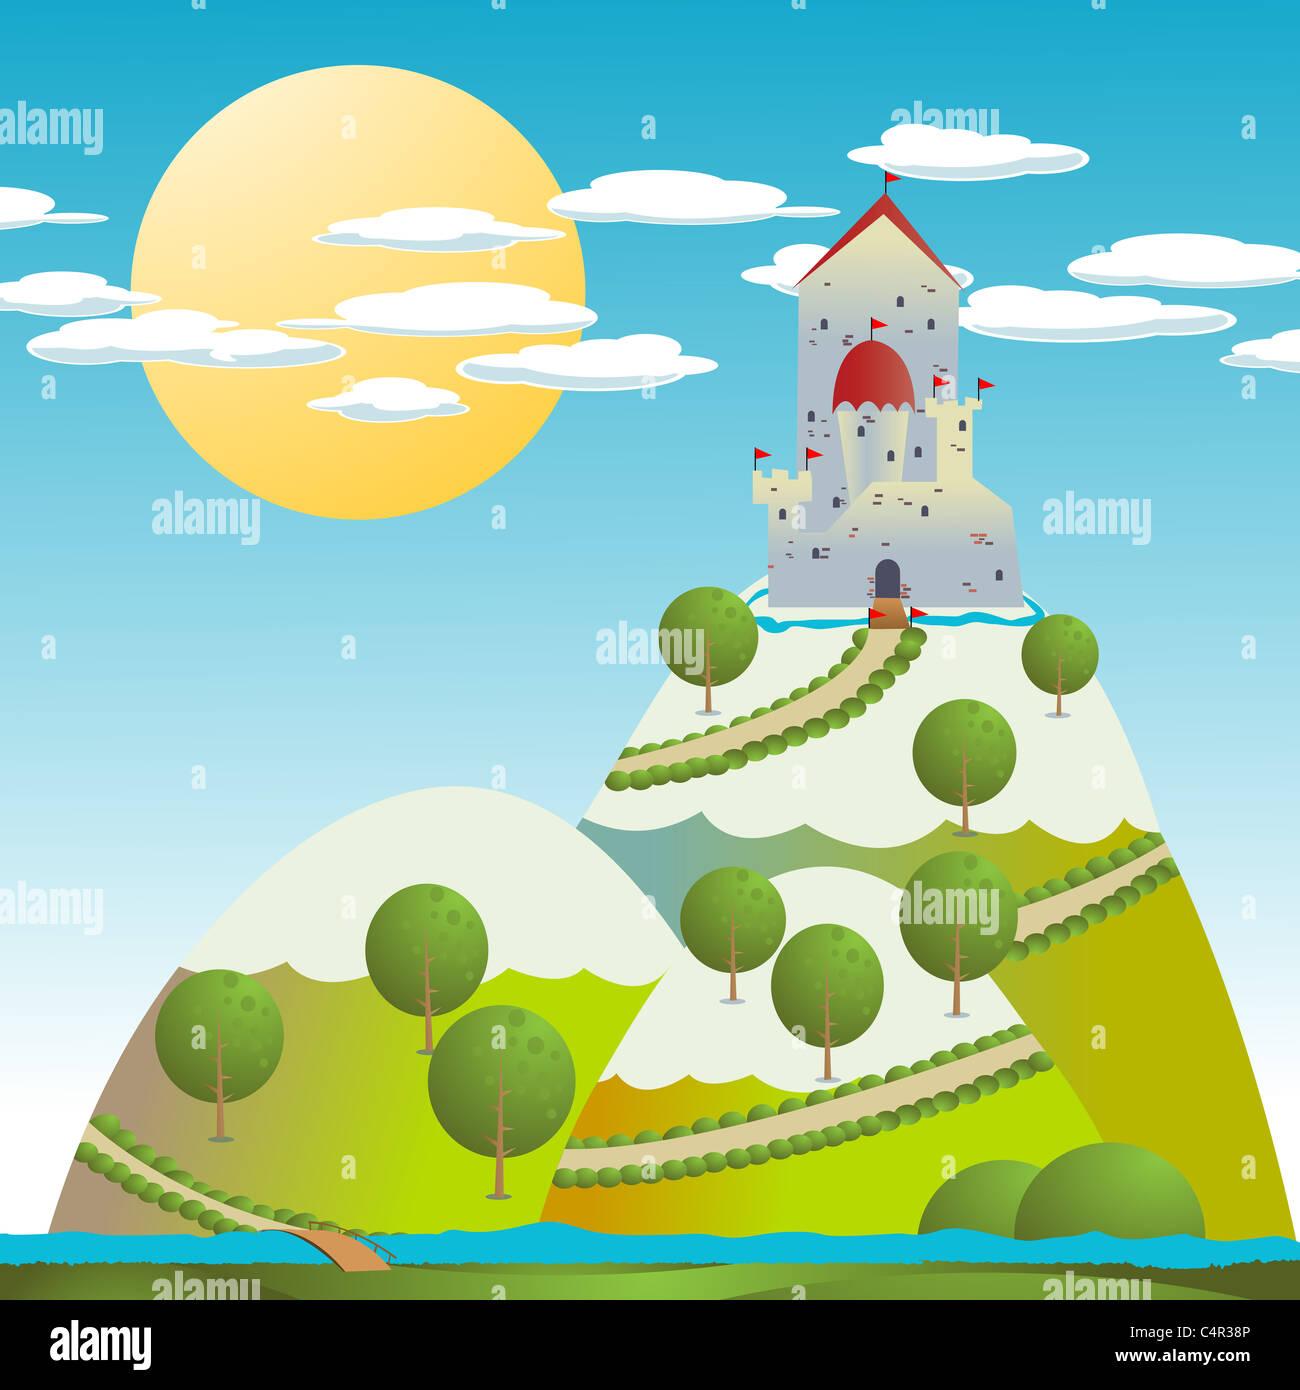 Fondo de dibujos animados con un castillo medieval. Imagen De Stock